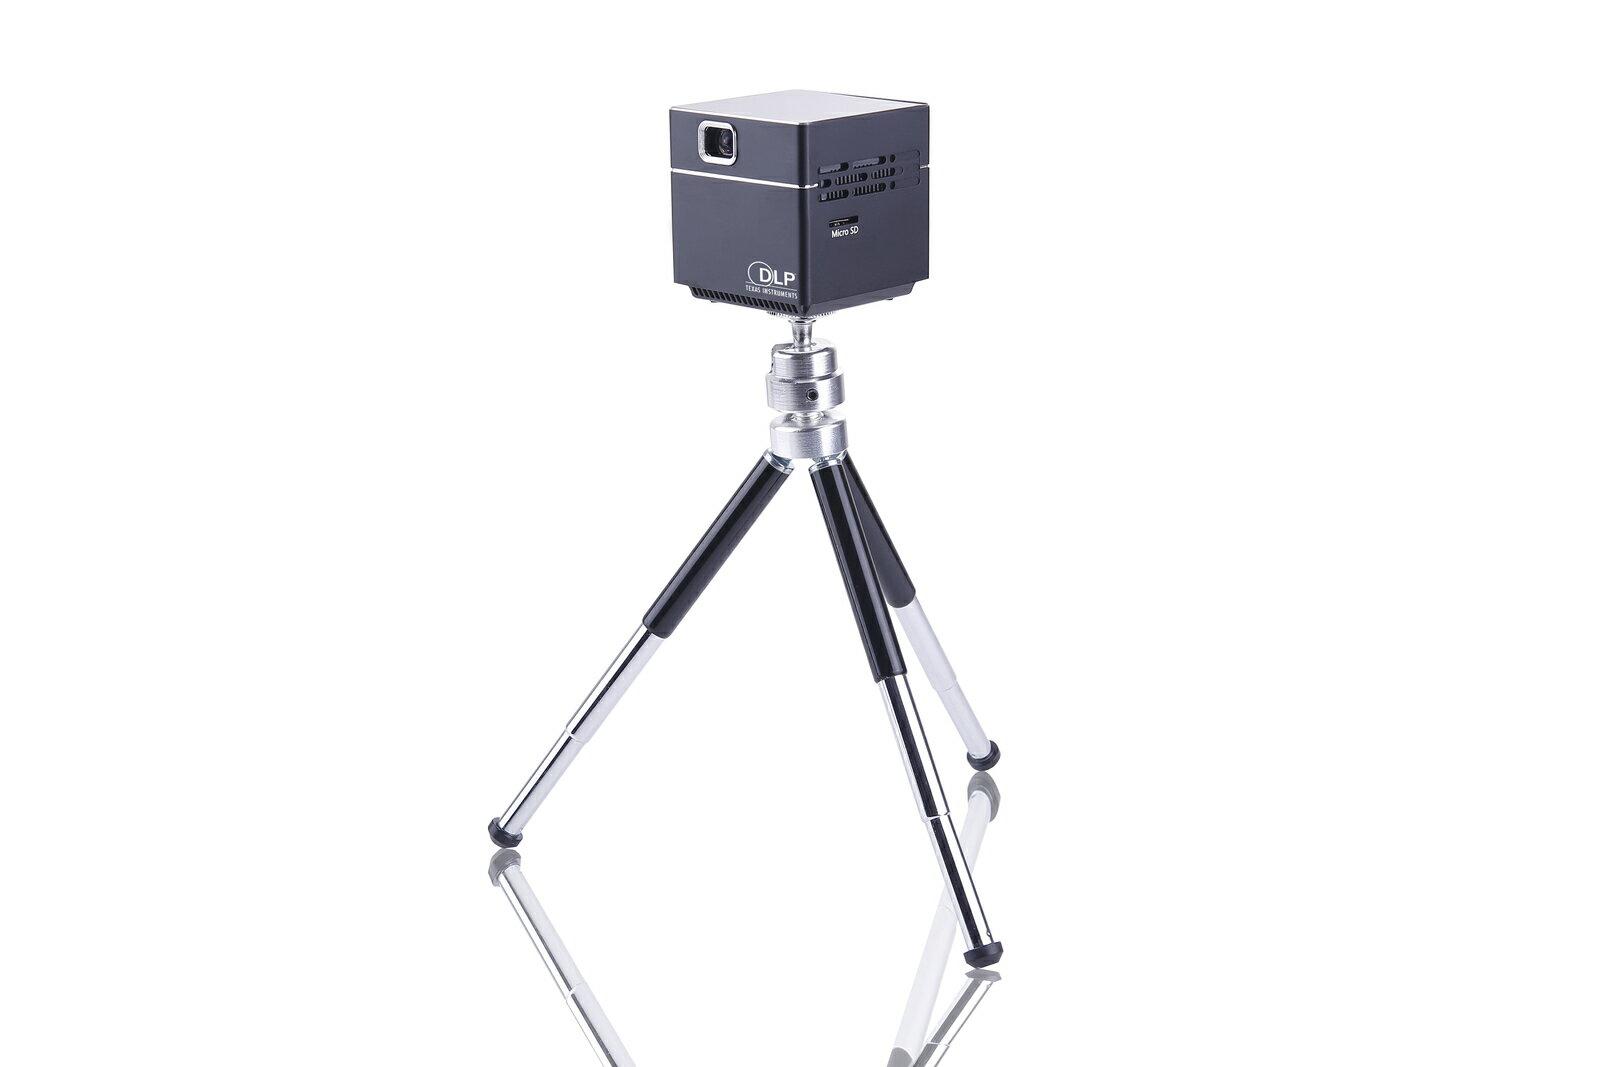 【セット品】スピーカー内蔵小型プロジェクターPico Cube+ぴったり収納ポーチ